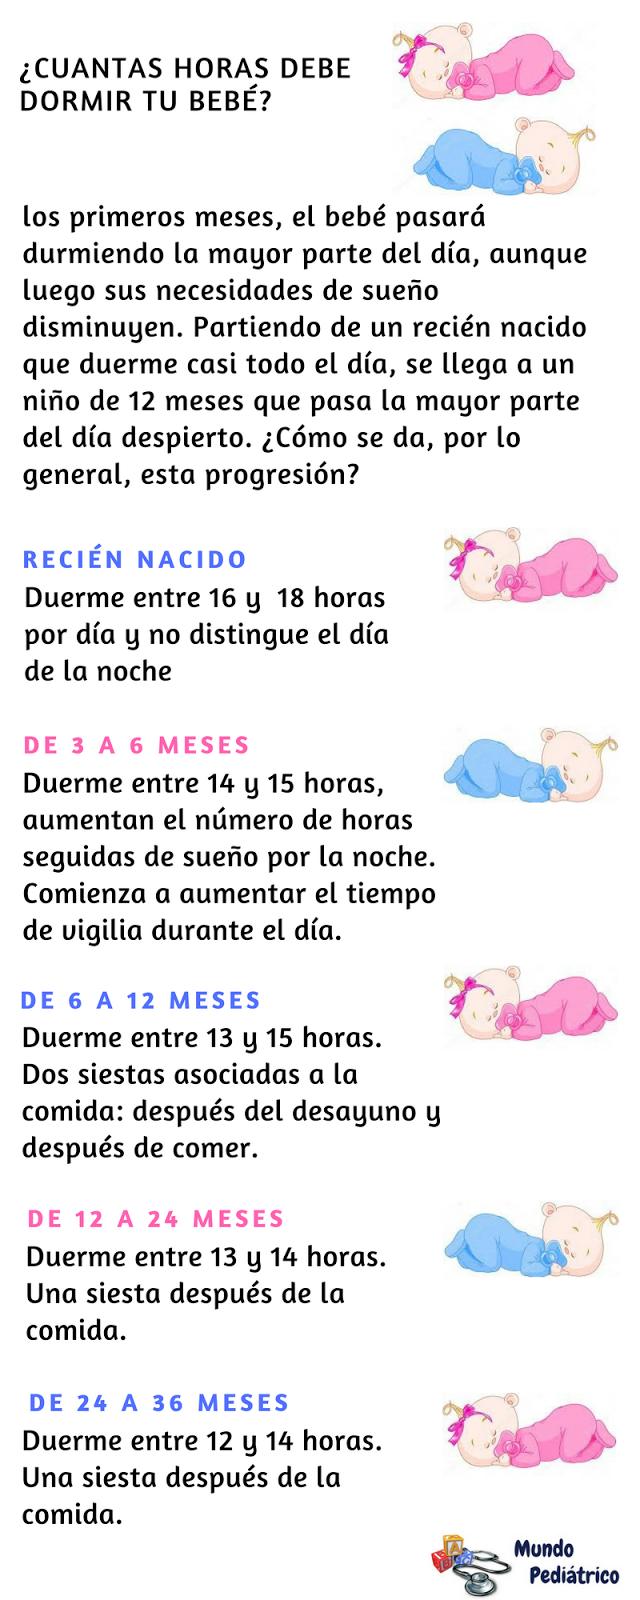 cuantas horas tiene que dormir un bebe de 18 meses